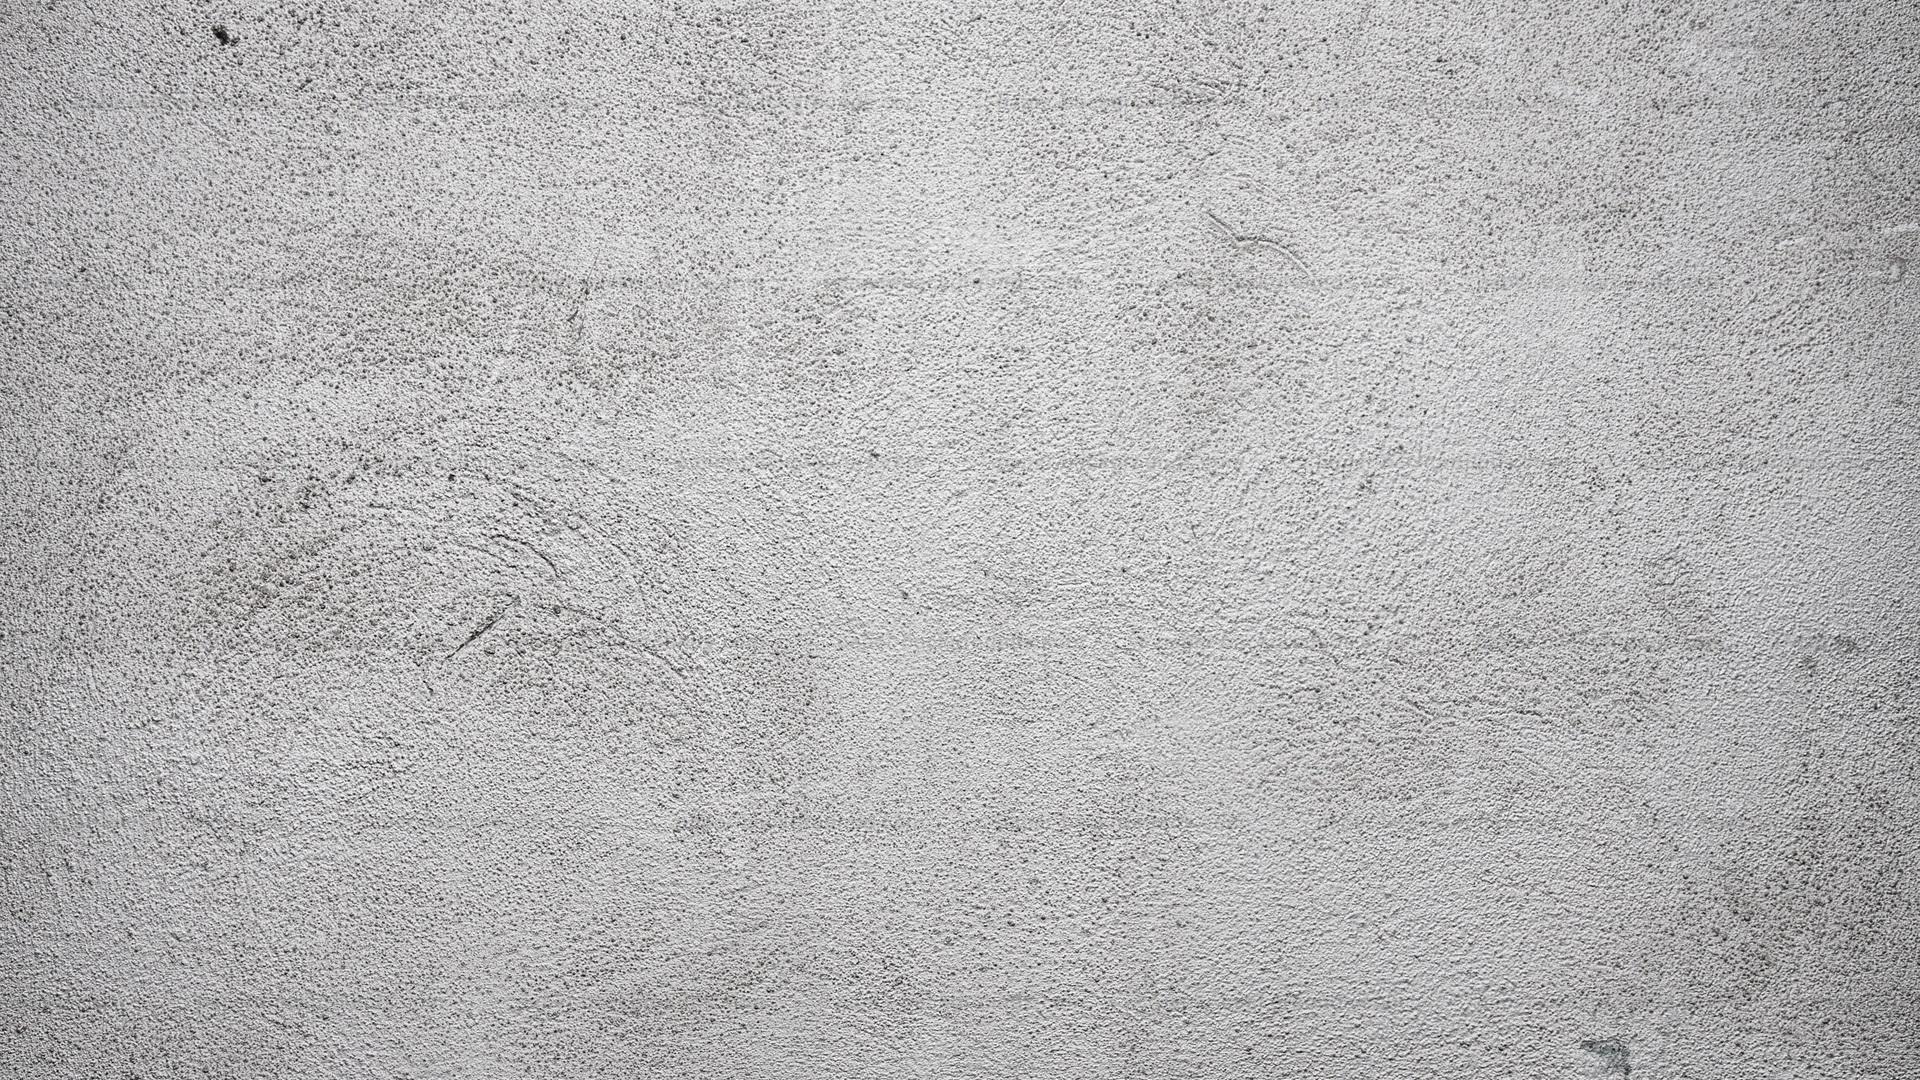 штукатурка стена  № 3269106  скачать